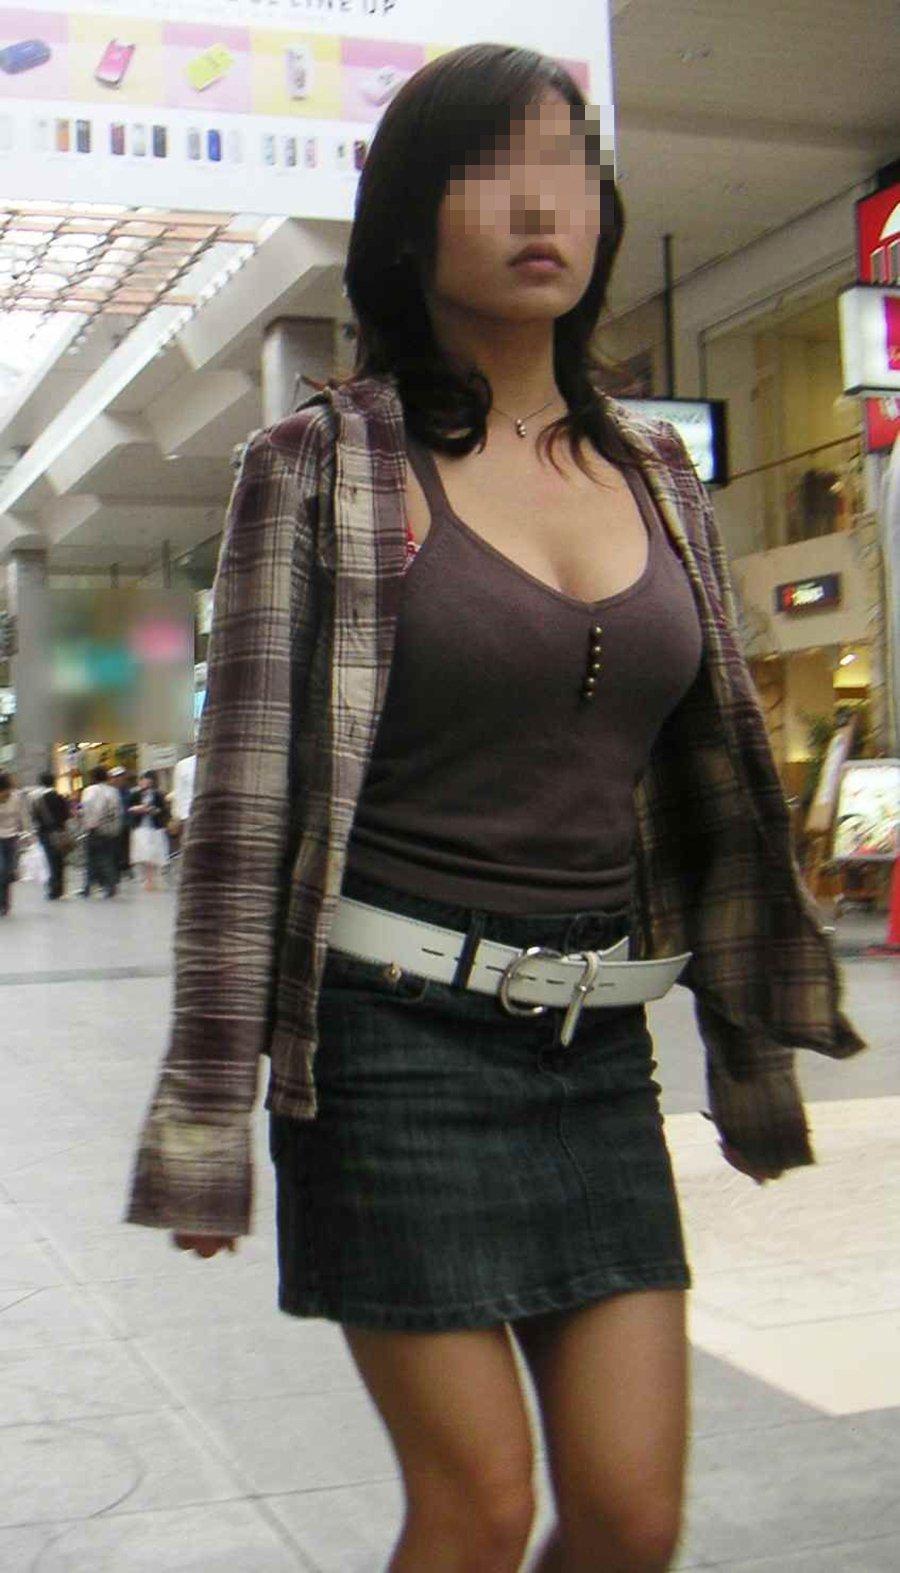 胸のデカイ女性を見て街中で勃起する!